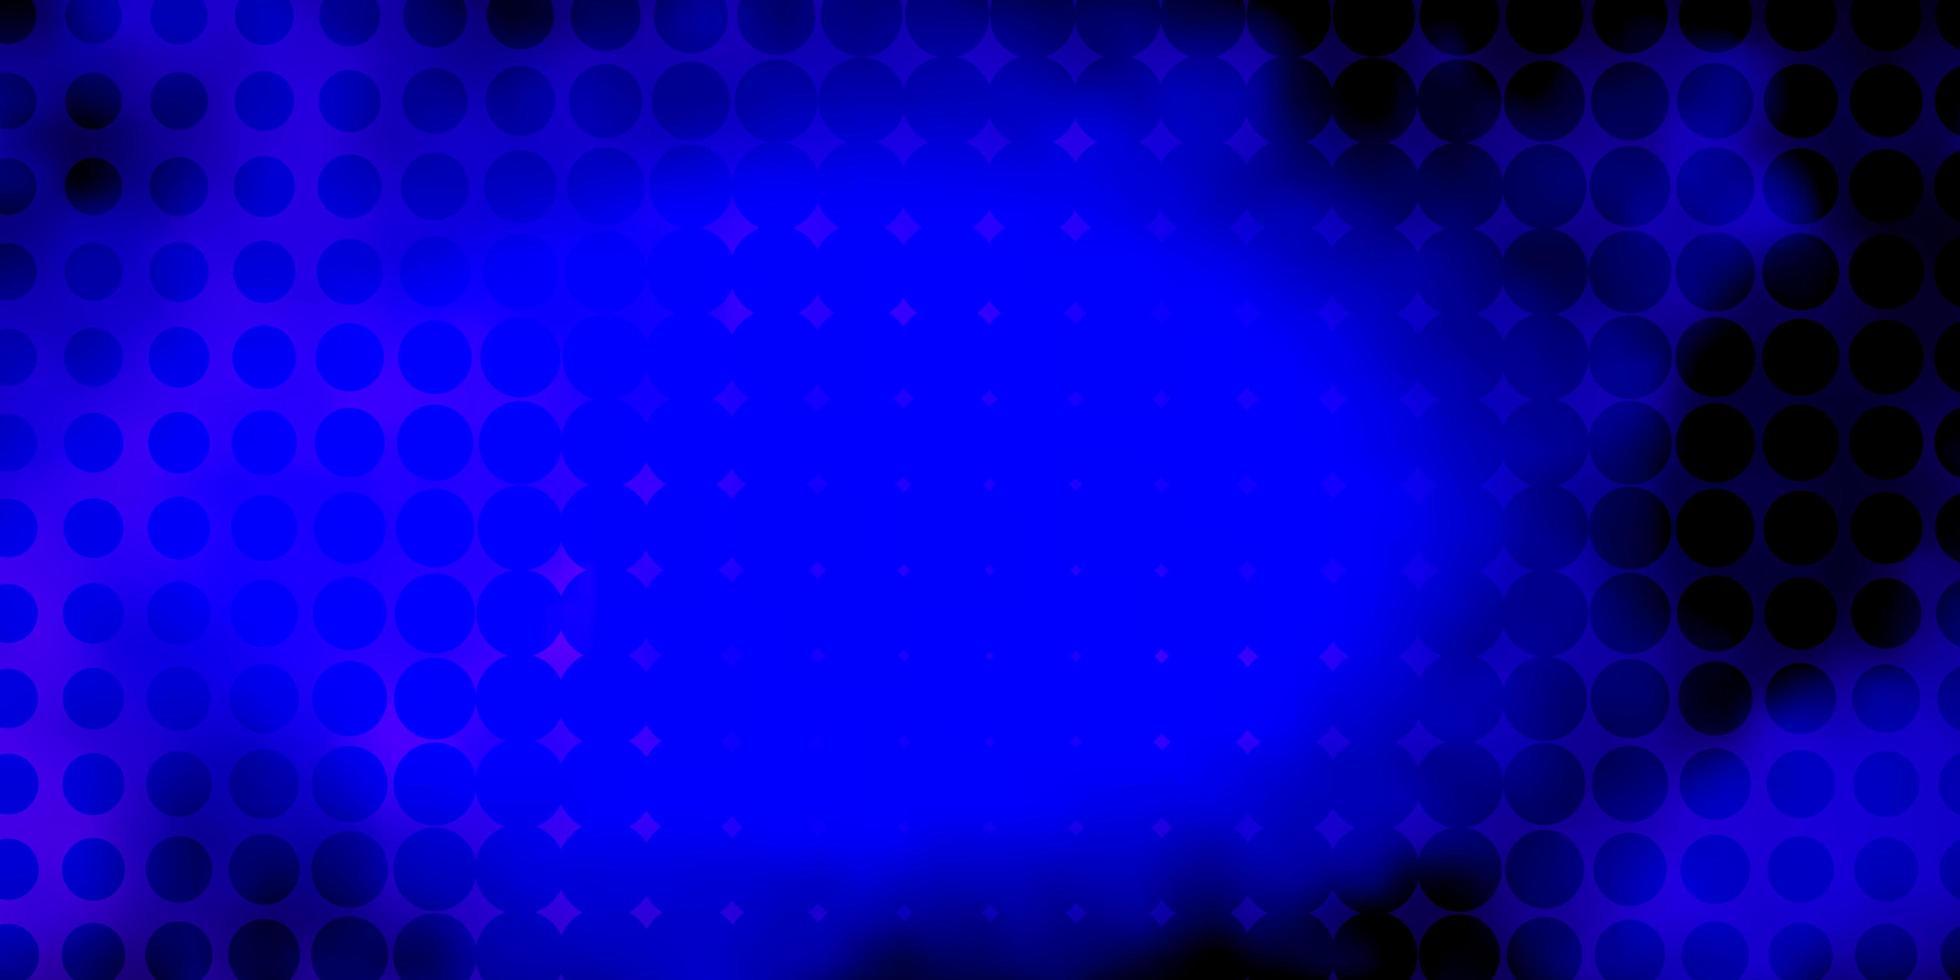 ljuslila vektorlayout med cirklar. vektor